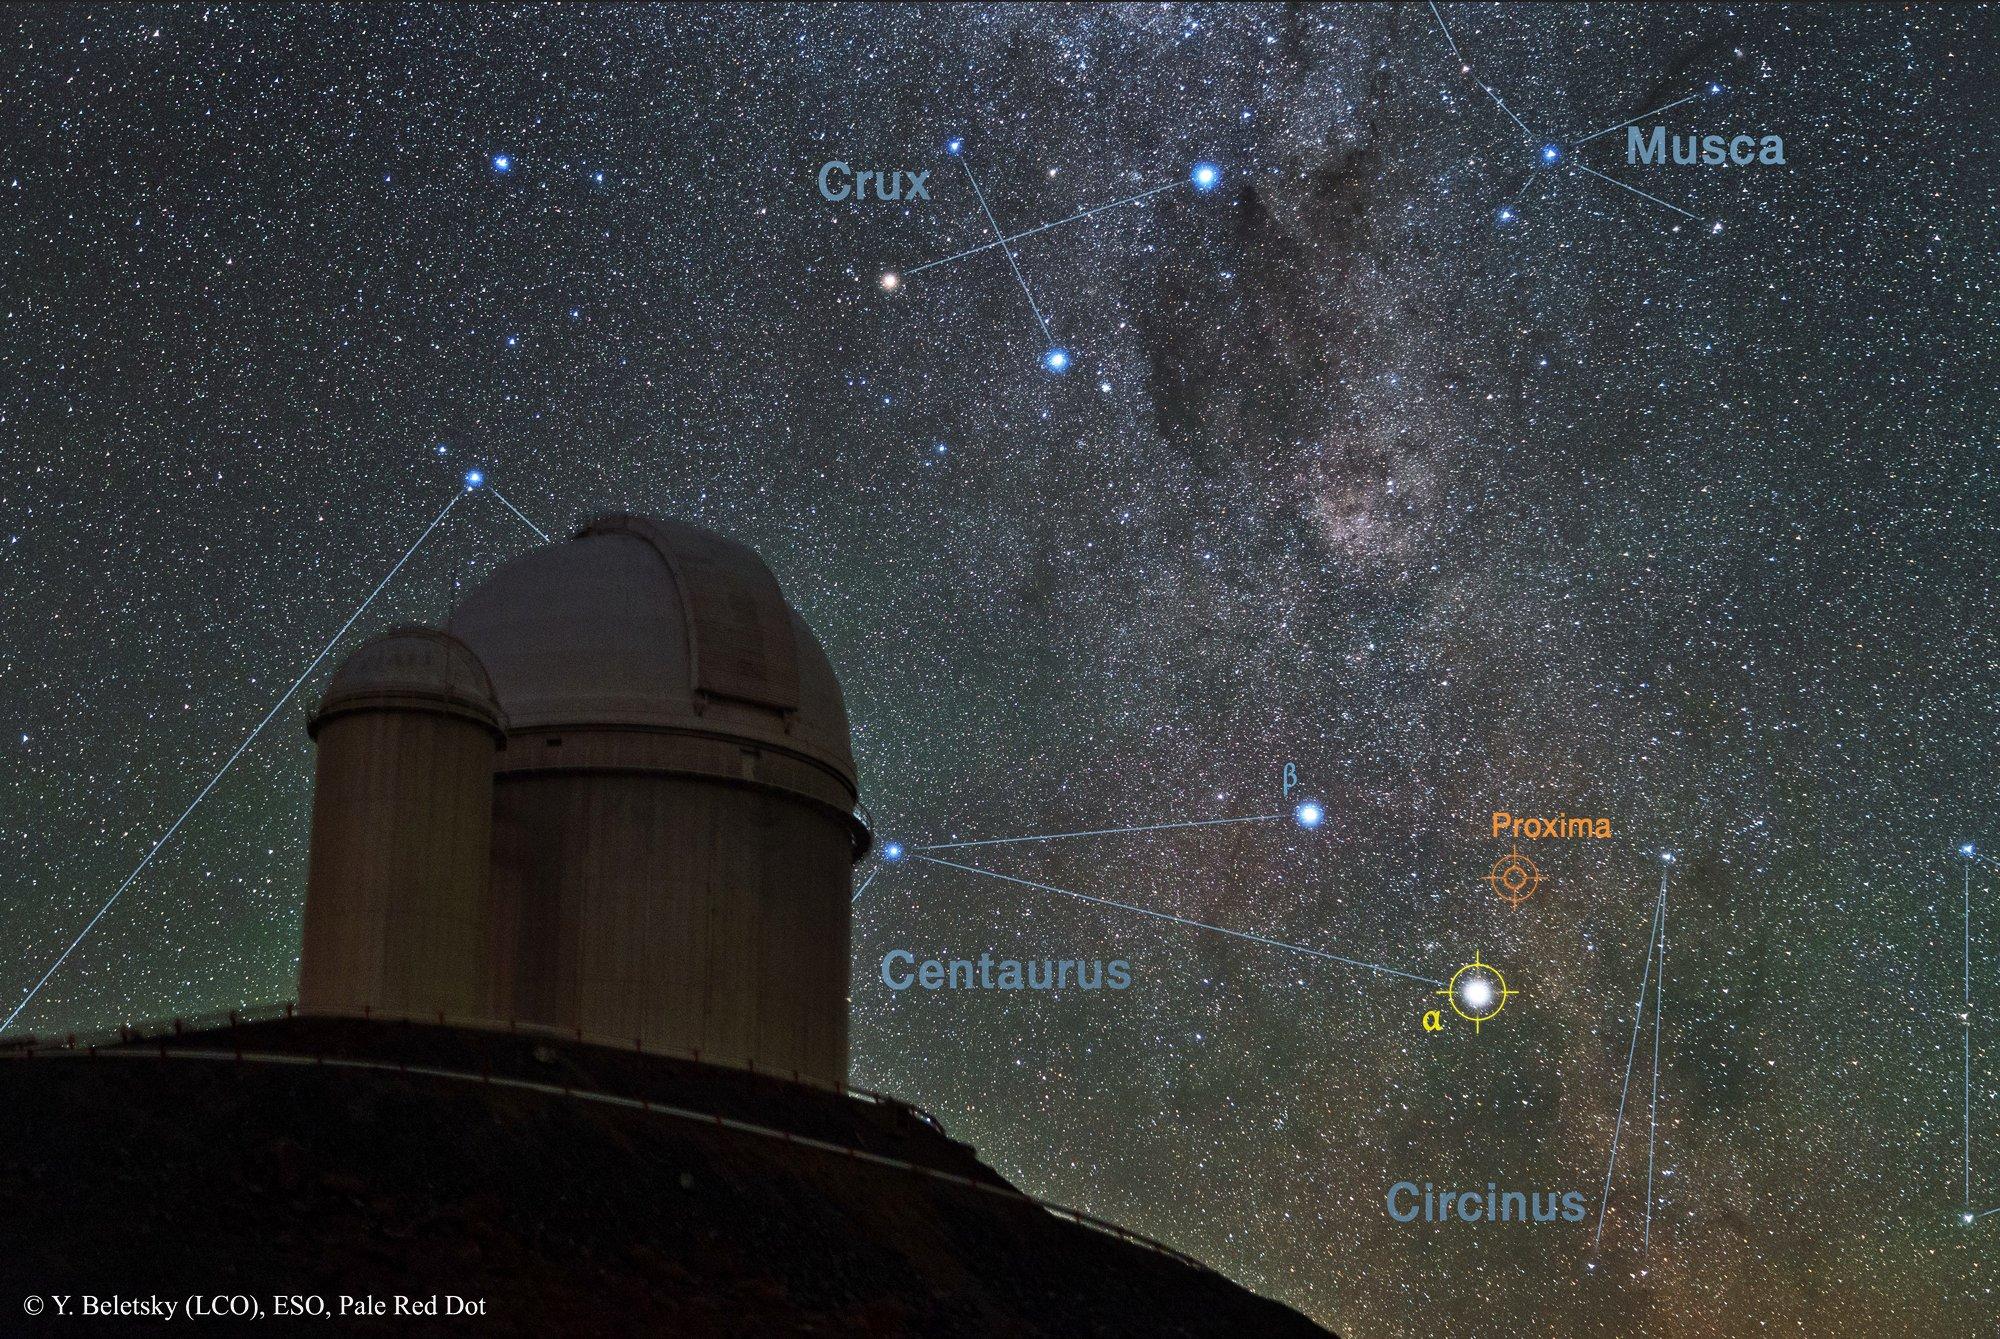 Senzačný objav: Proxima Centauri má planétu!